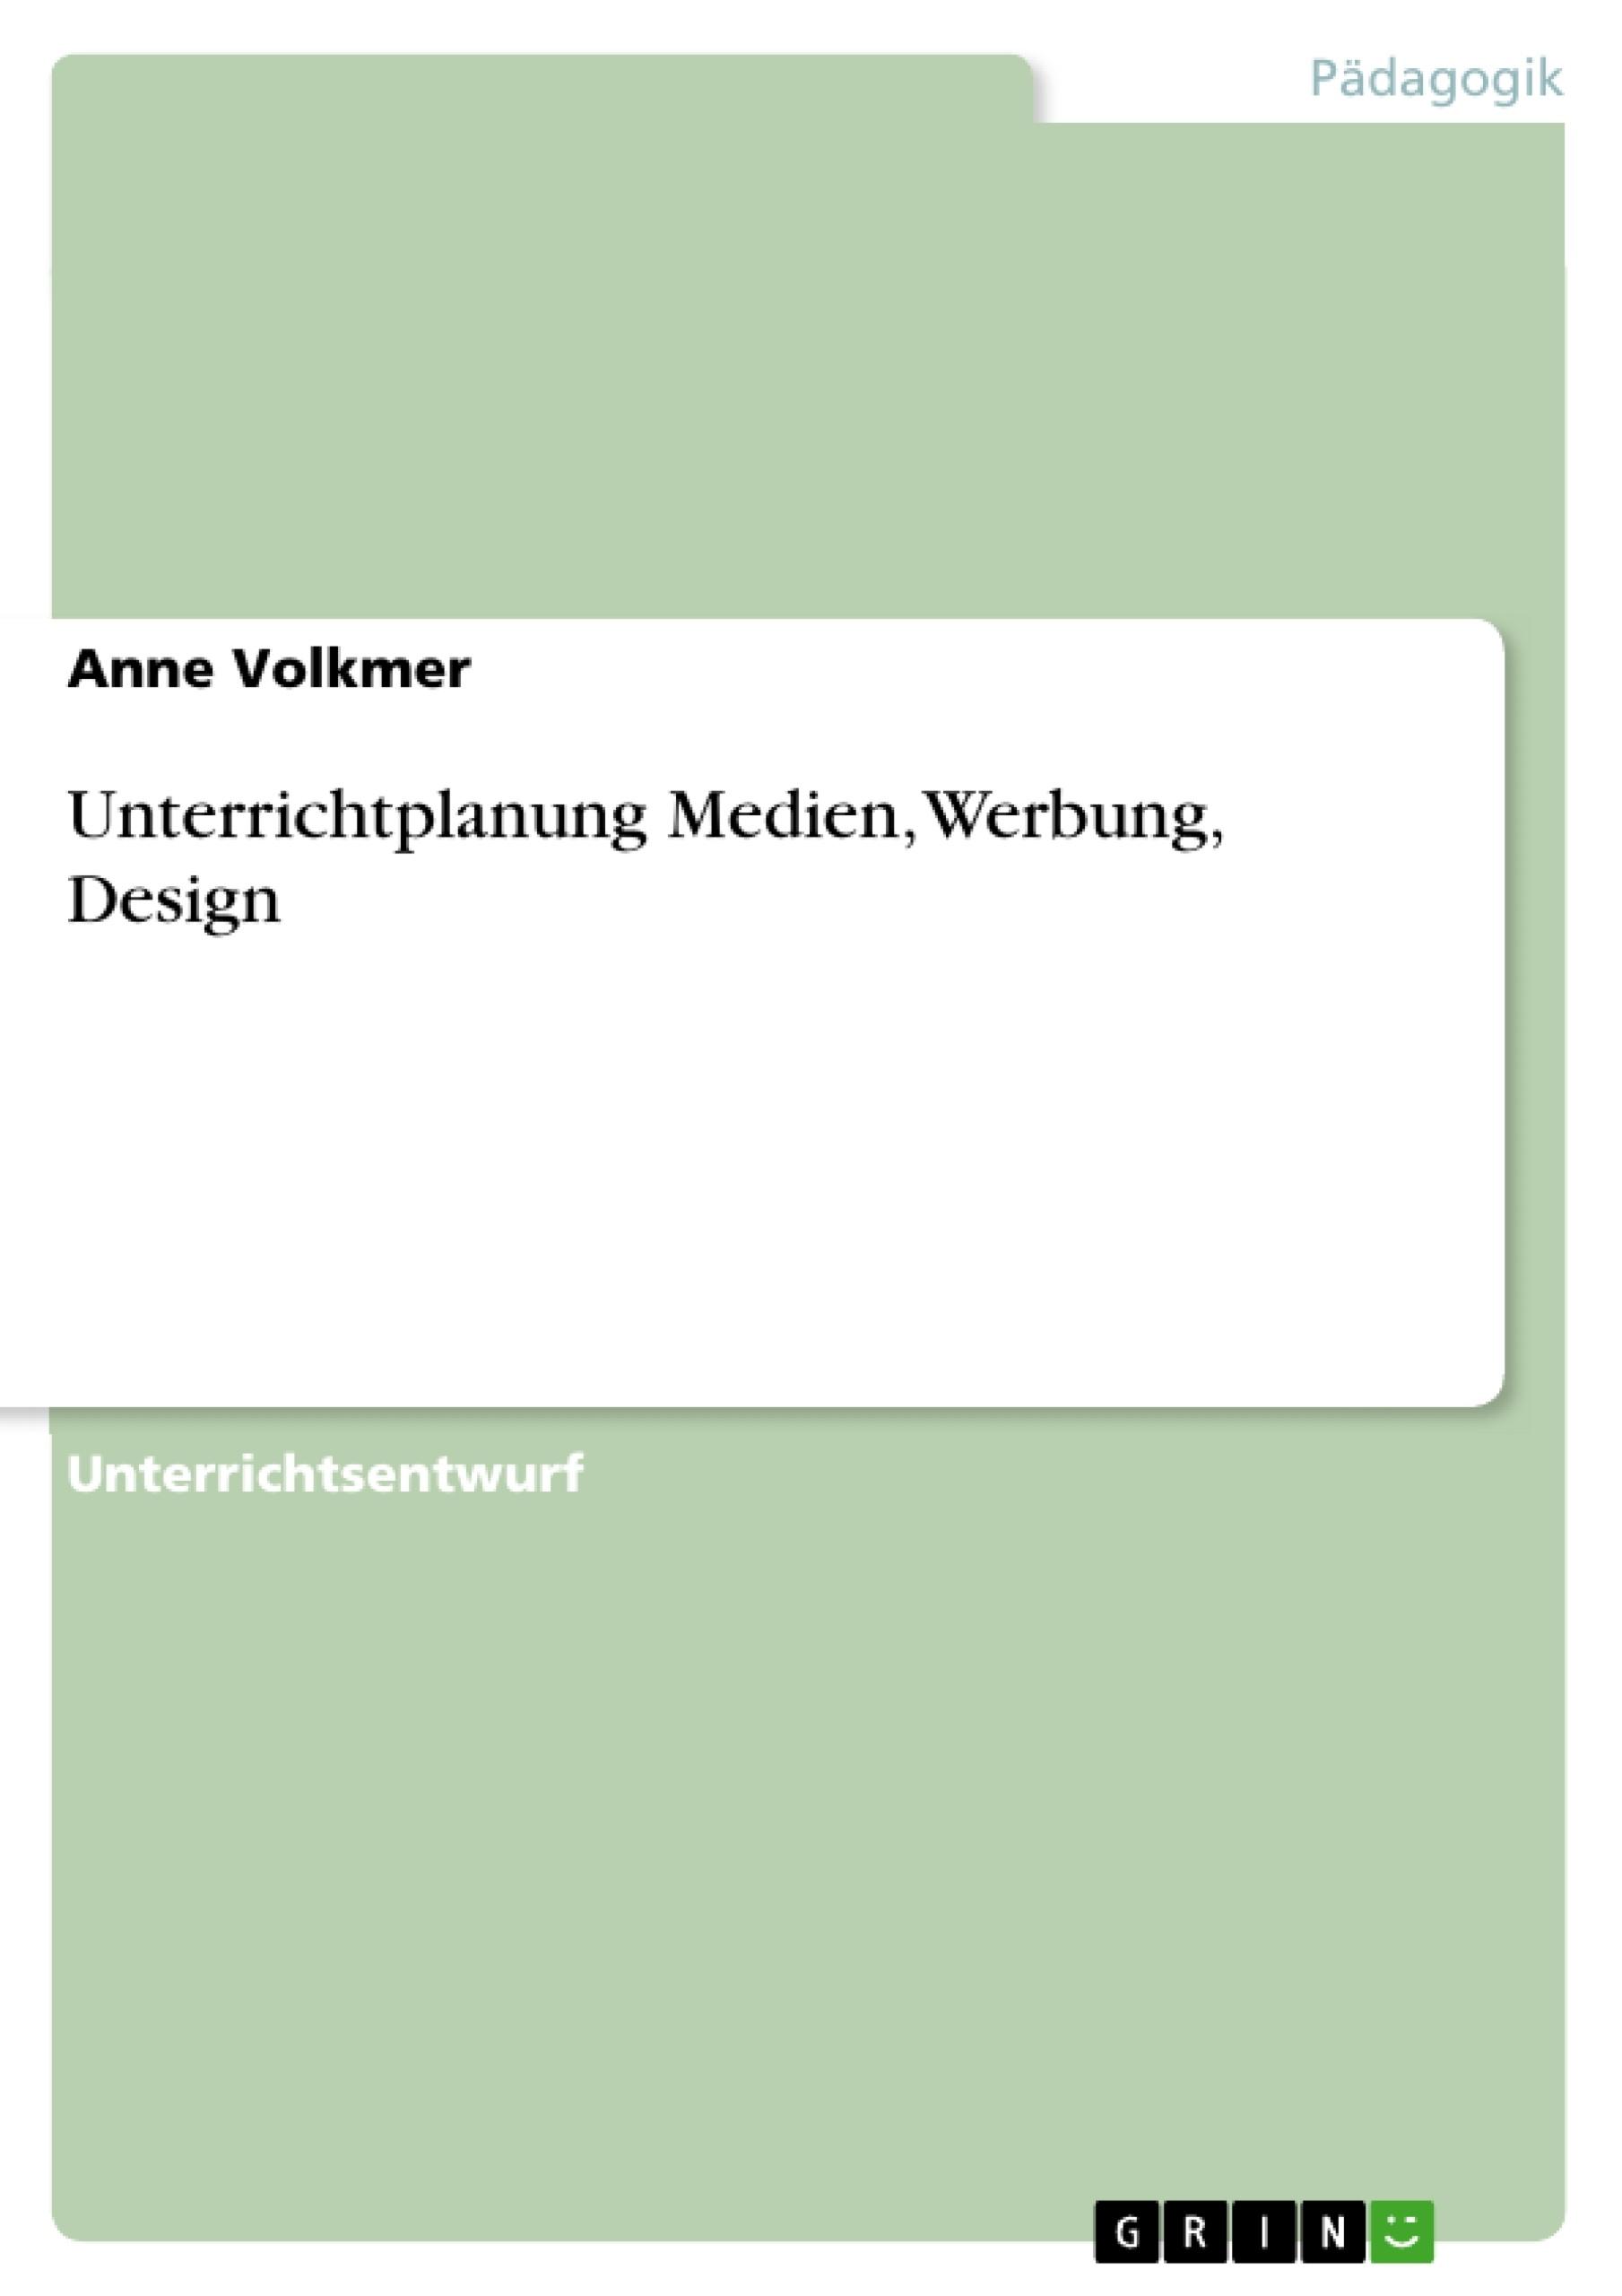 Titel: Unterrichtplanung Medien, Werbung, Design